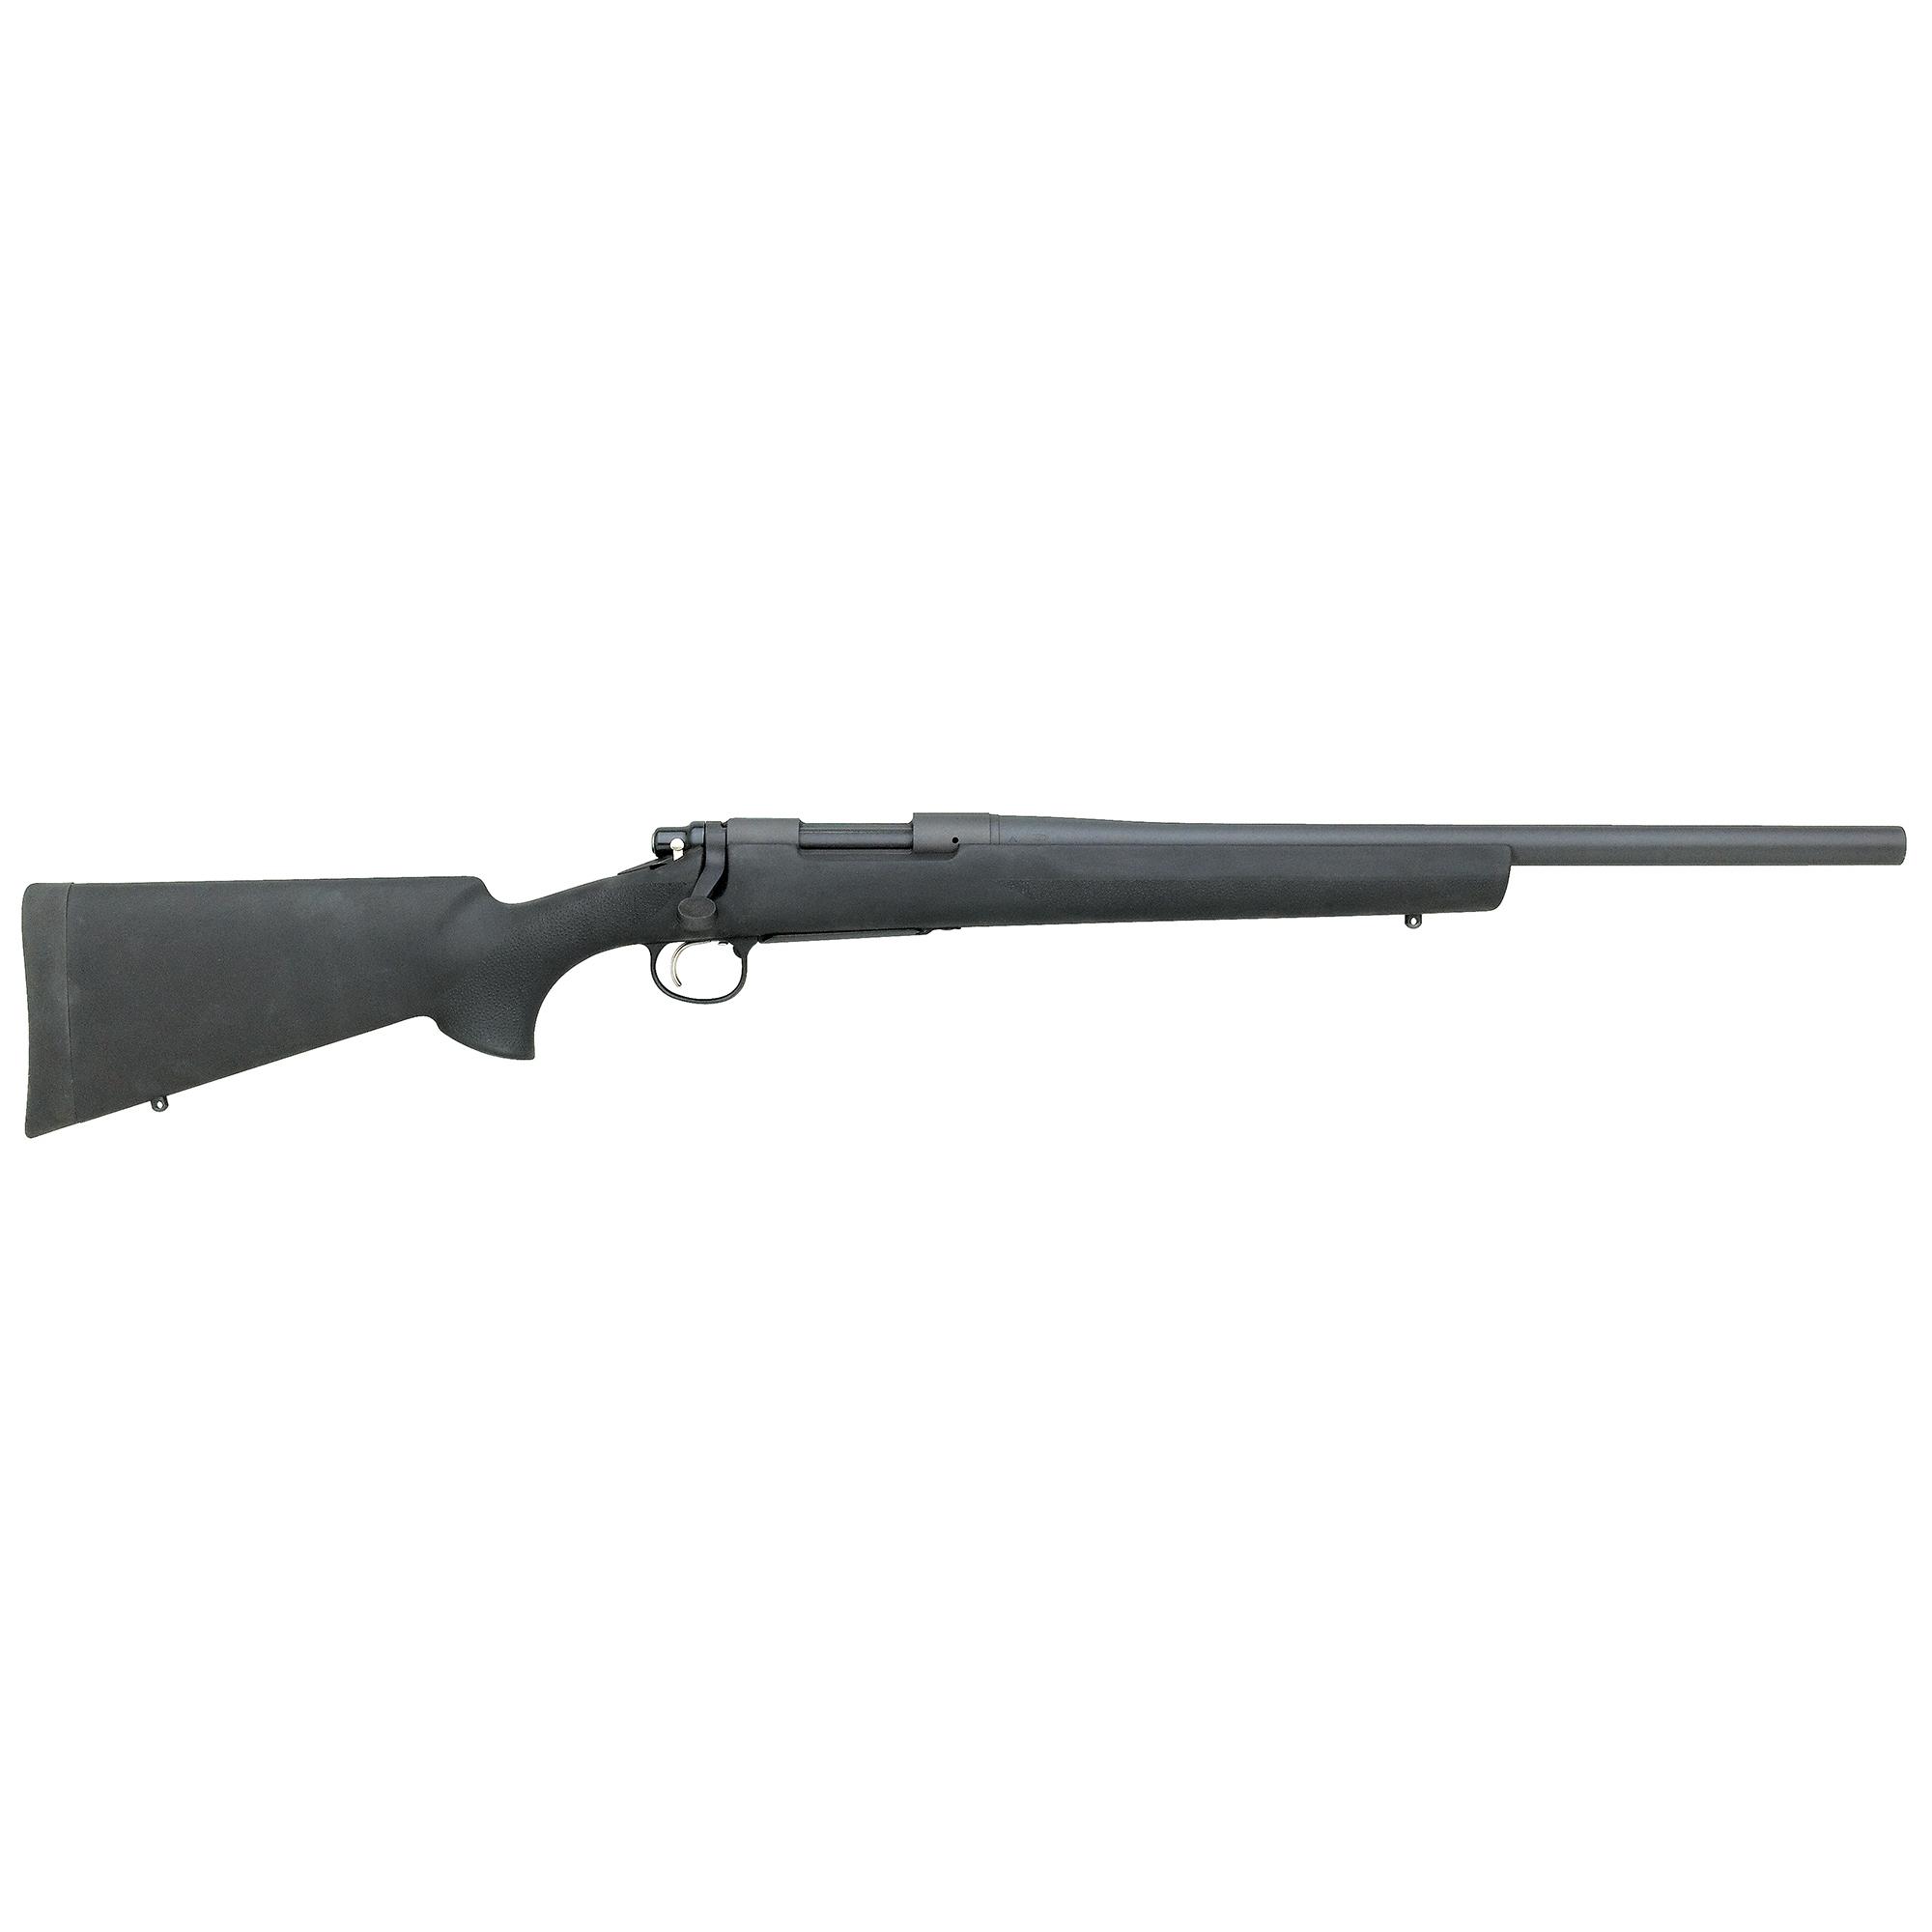 Remington Model 700 SPS Tactical Centerfire Rifle